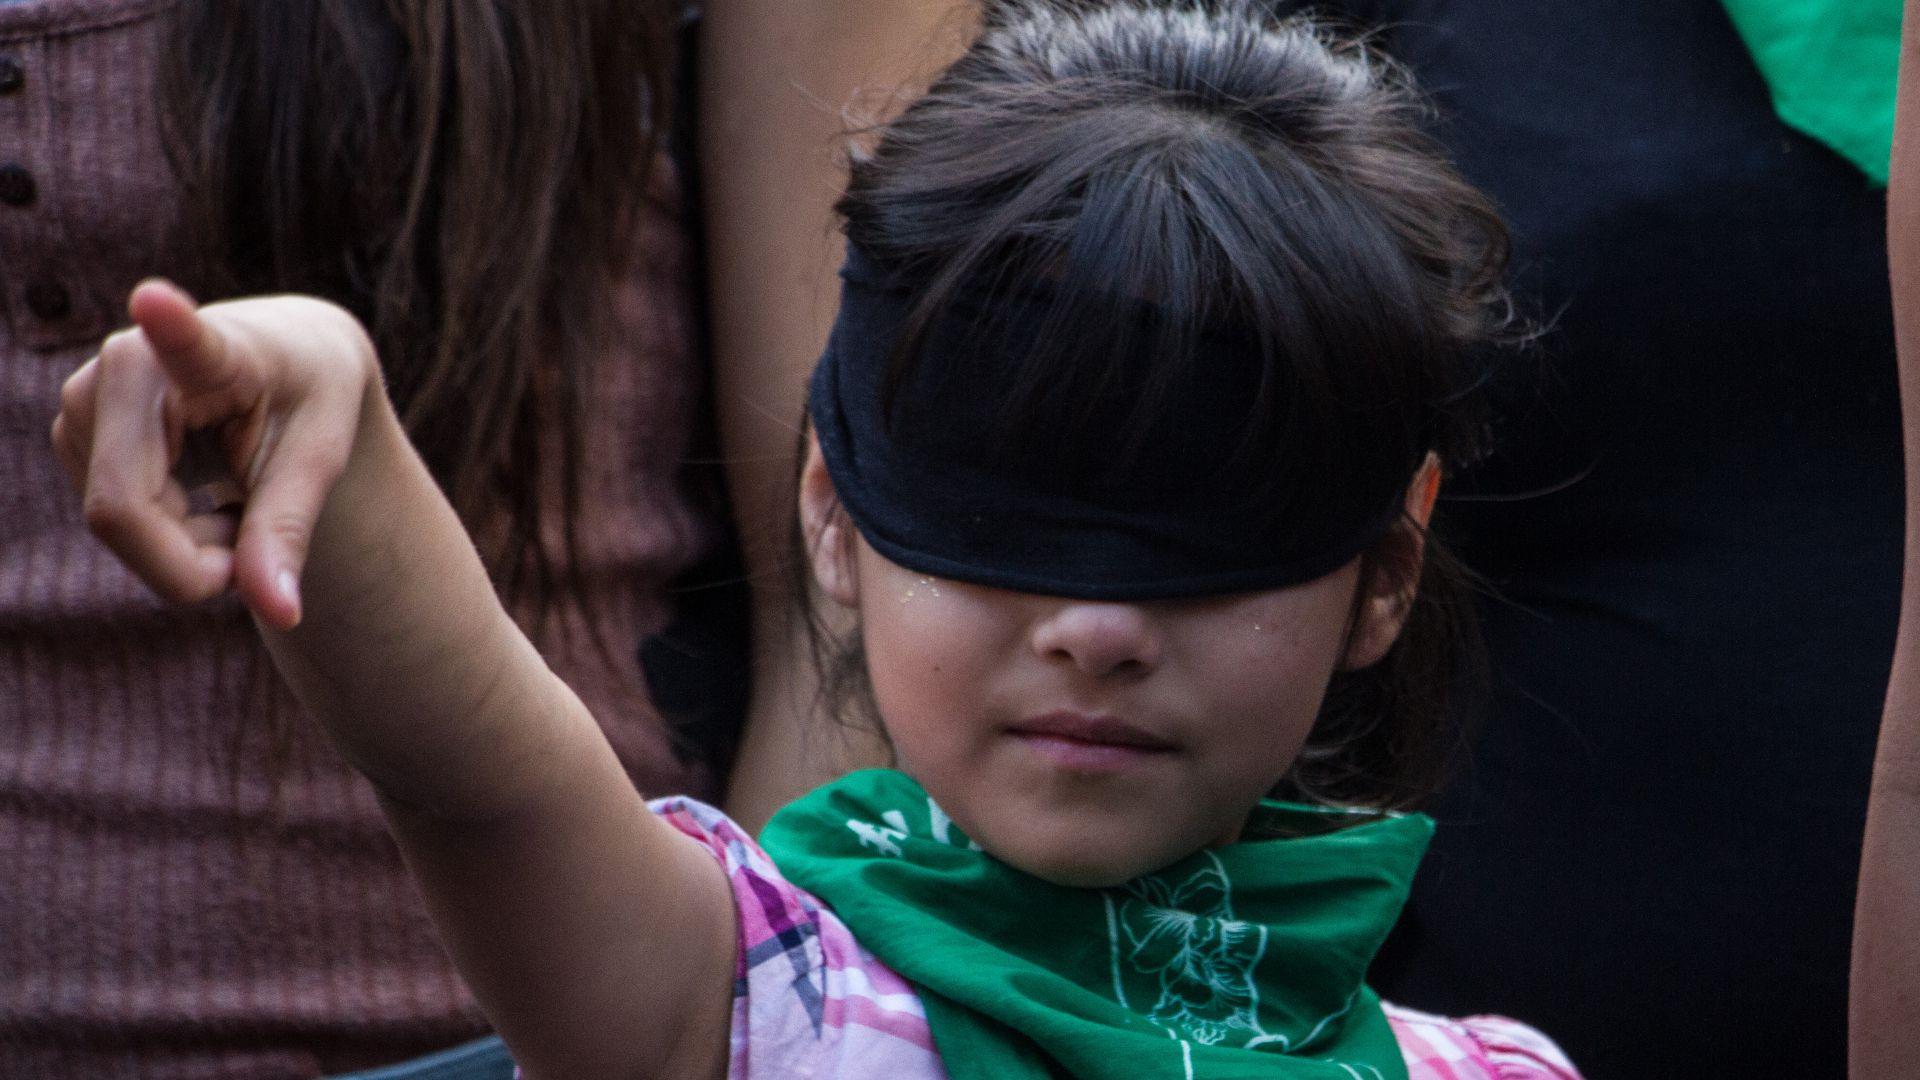 La iniciativa de Ley de Registro Público de Agresores Sexuales busca prevenir la revictimización de mujeres, niñas y niños (Foto: Andrea Murcia/ Cuartoscuro)